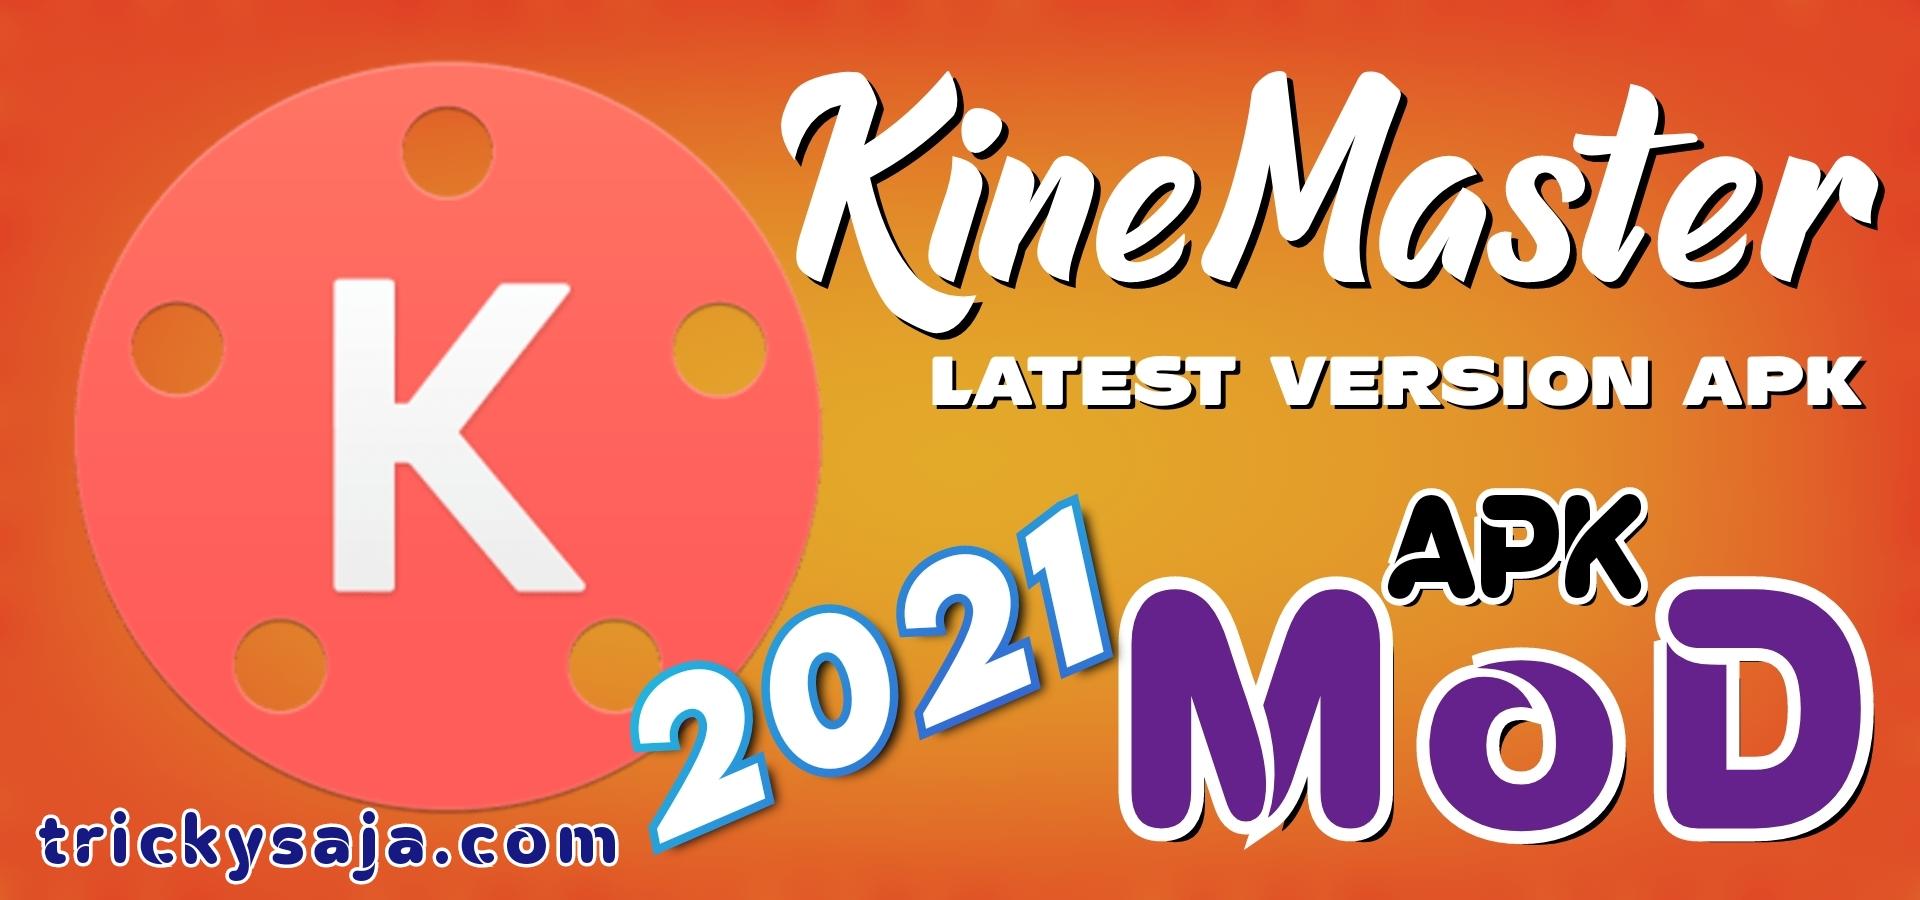 KineMaster Pro APK [ LATEST VERSION 4.16 ] Free Download   KineMaster Mod Apk V.4.16 2021